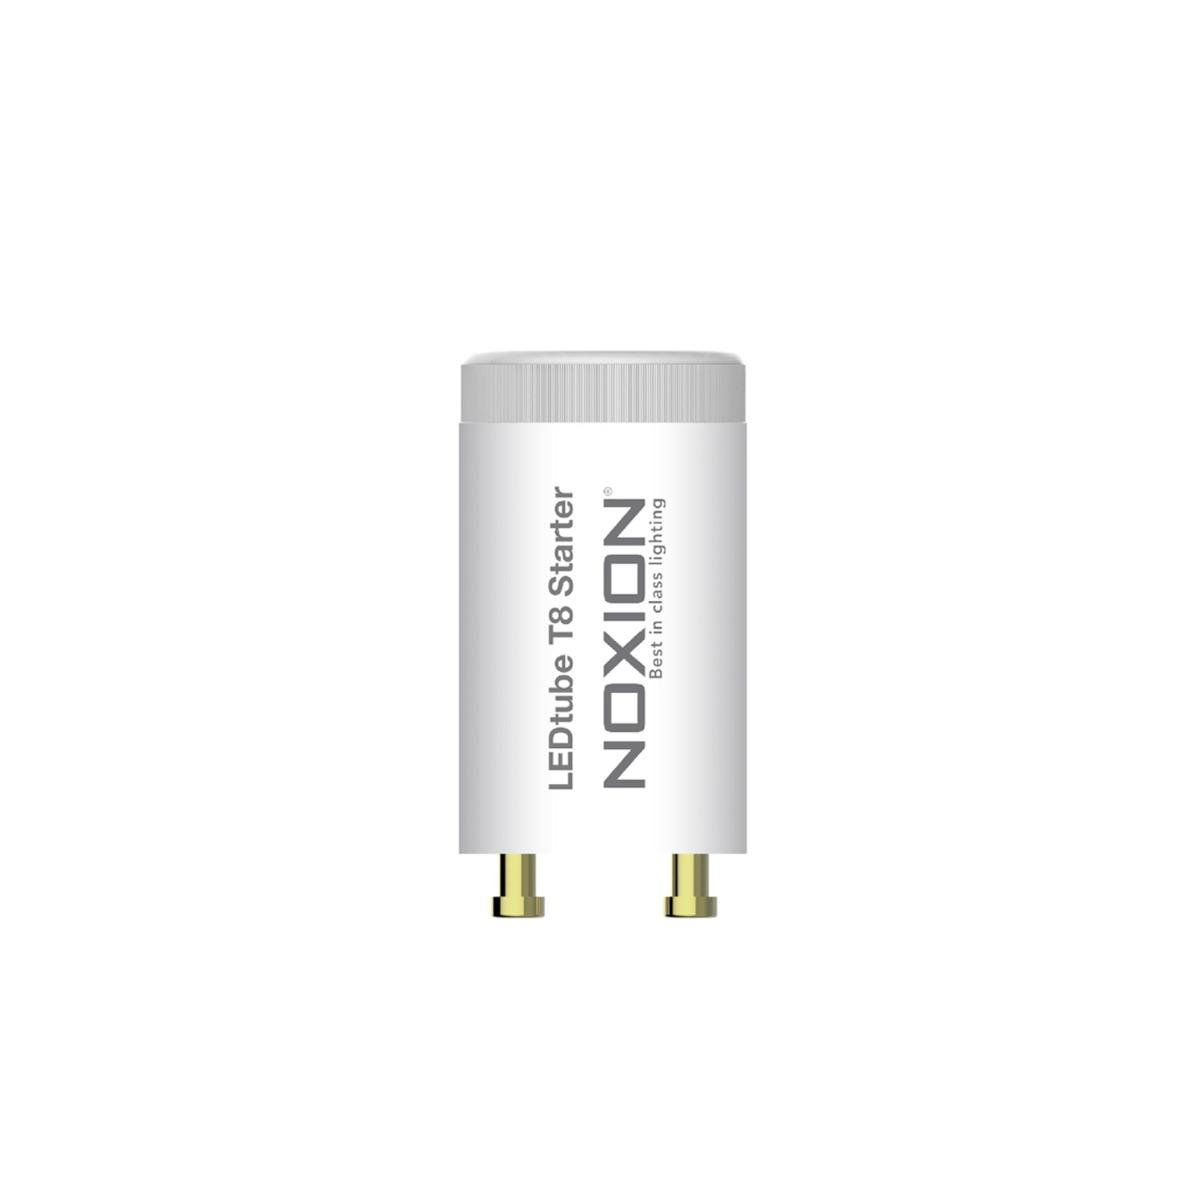 Noxion Avant LEDtube T8 Extreme UO (EM/Direct) Starter